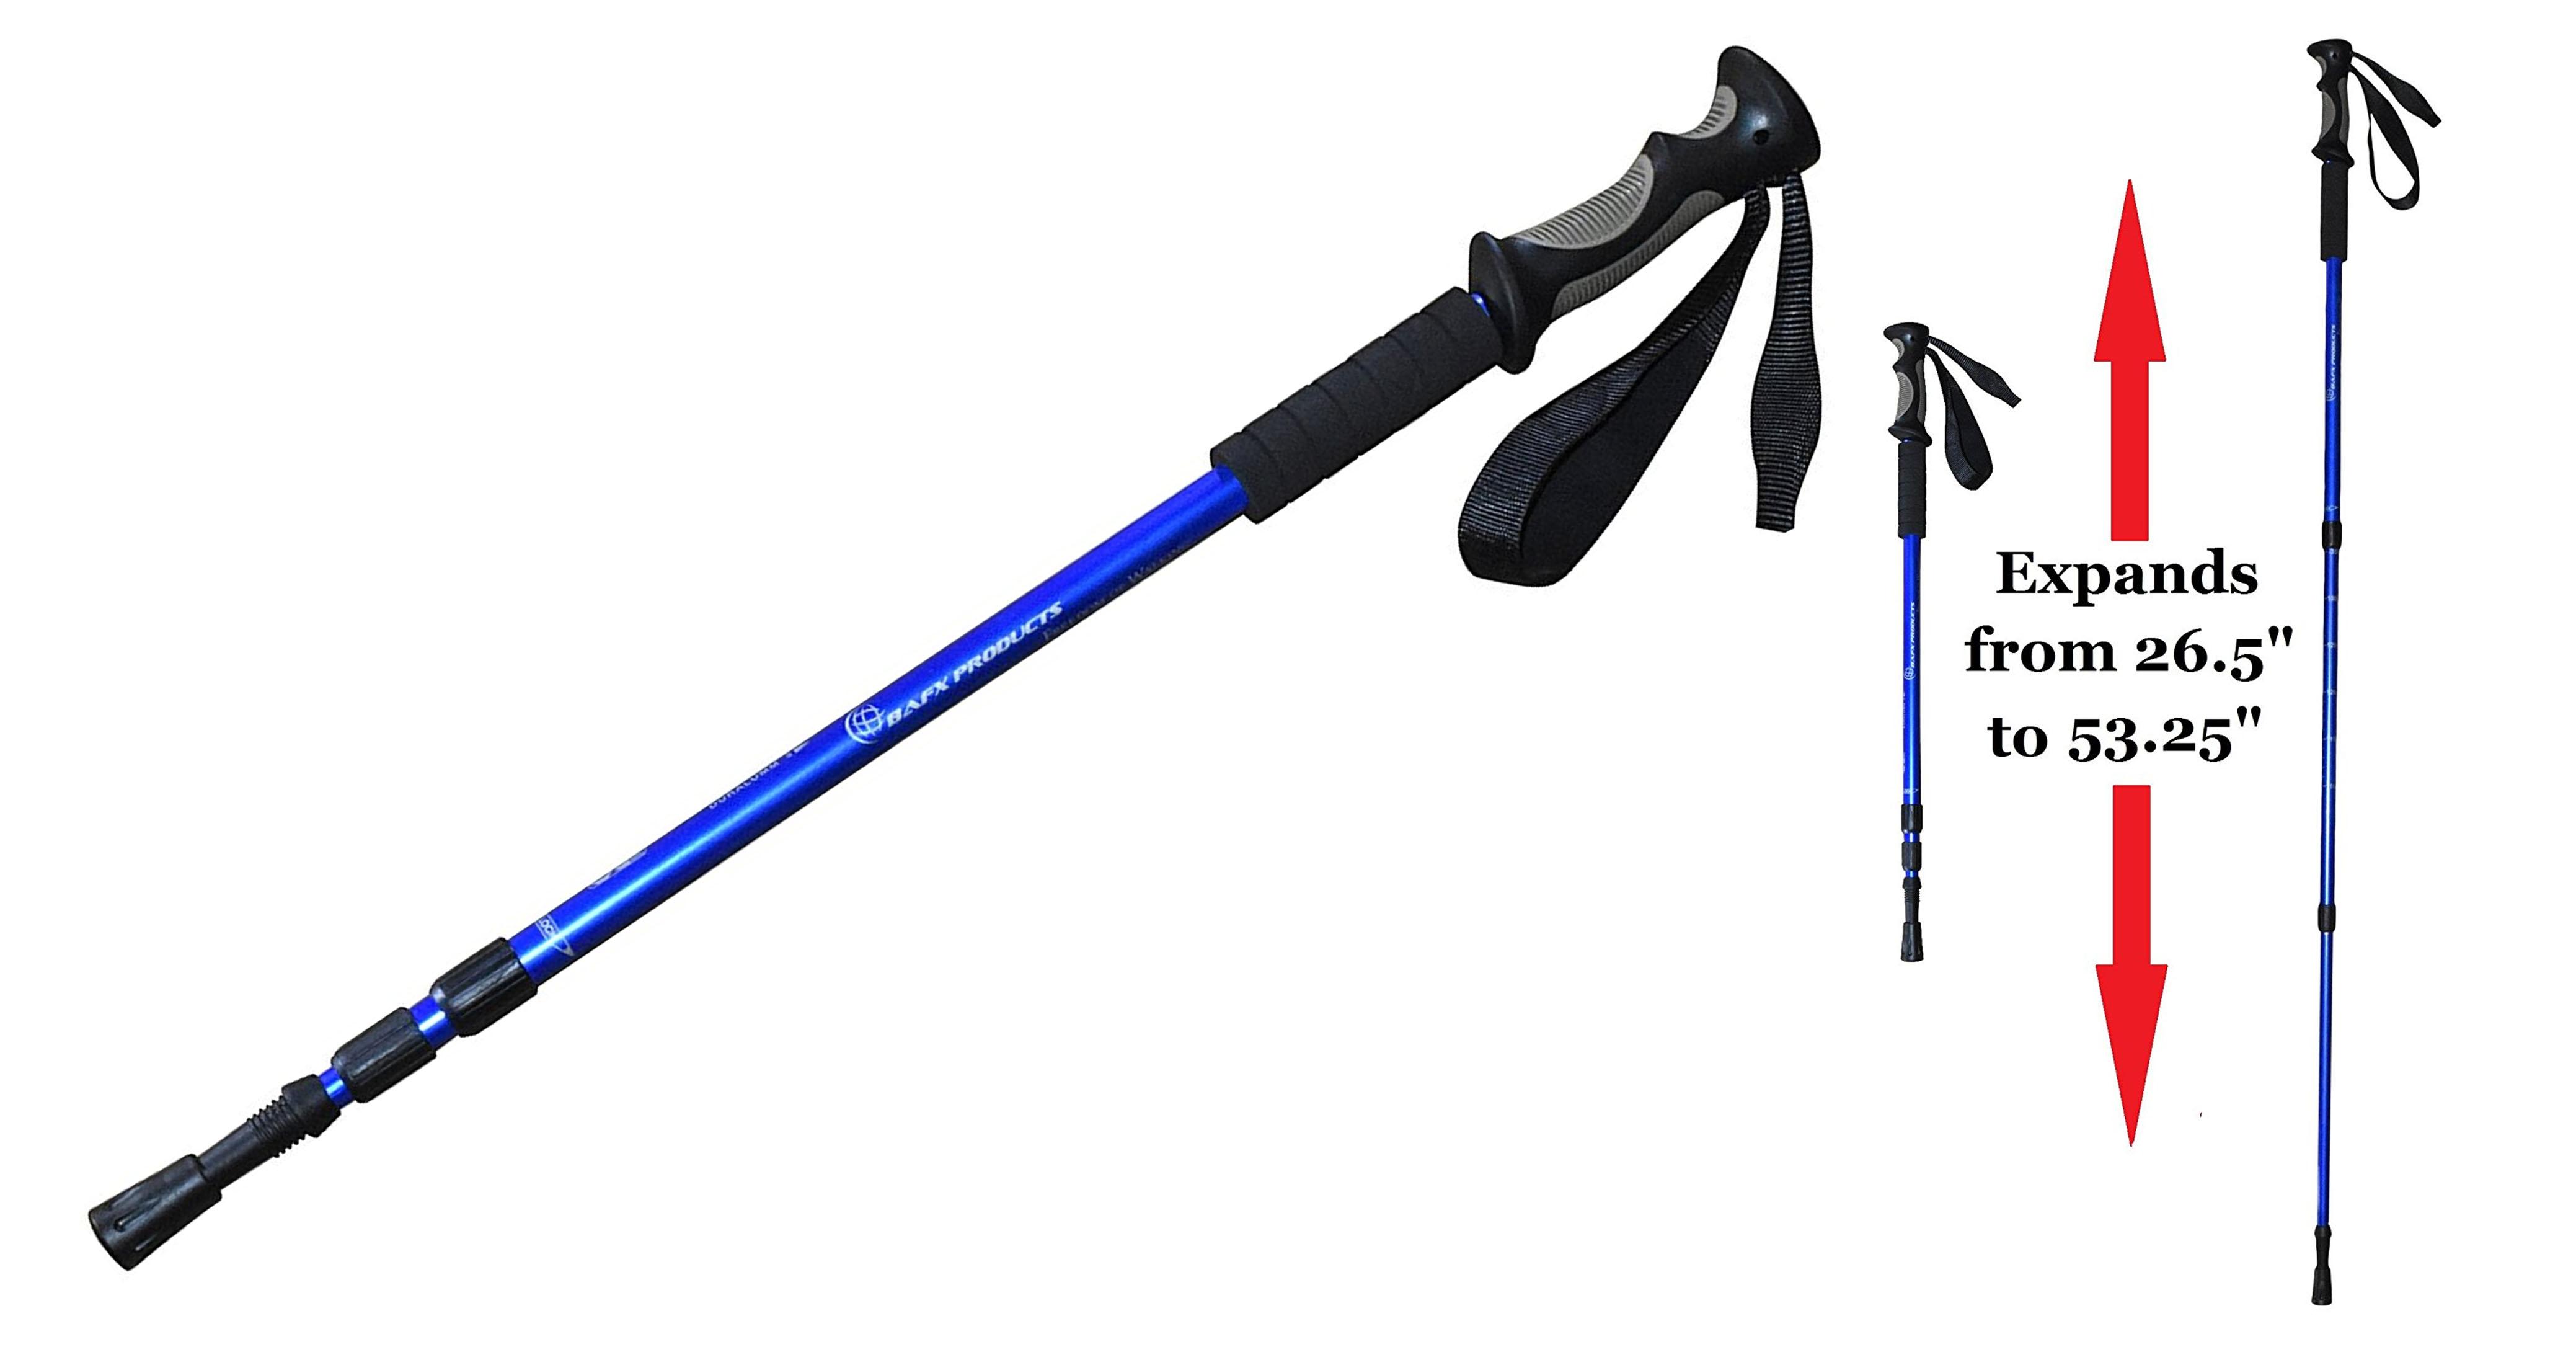 BAFX Products – Anti-Shock Hiking / Walking / Trekking Trail Polls